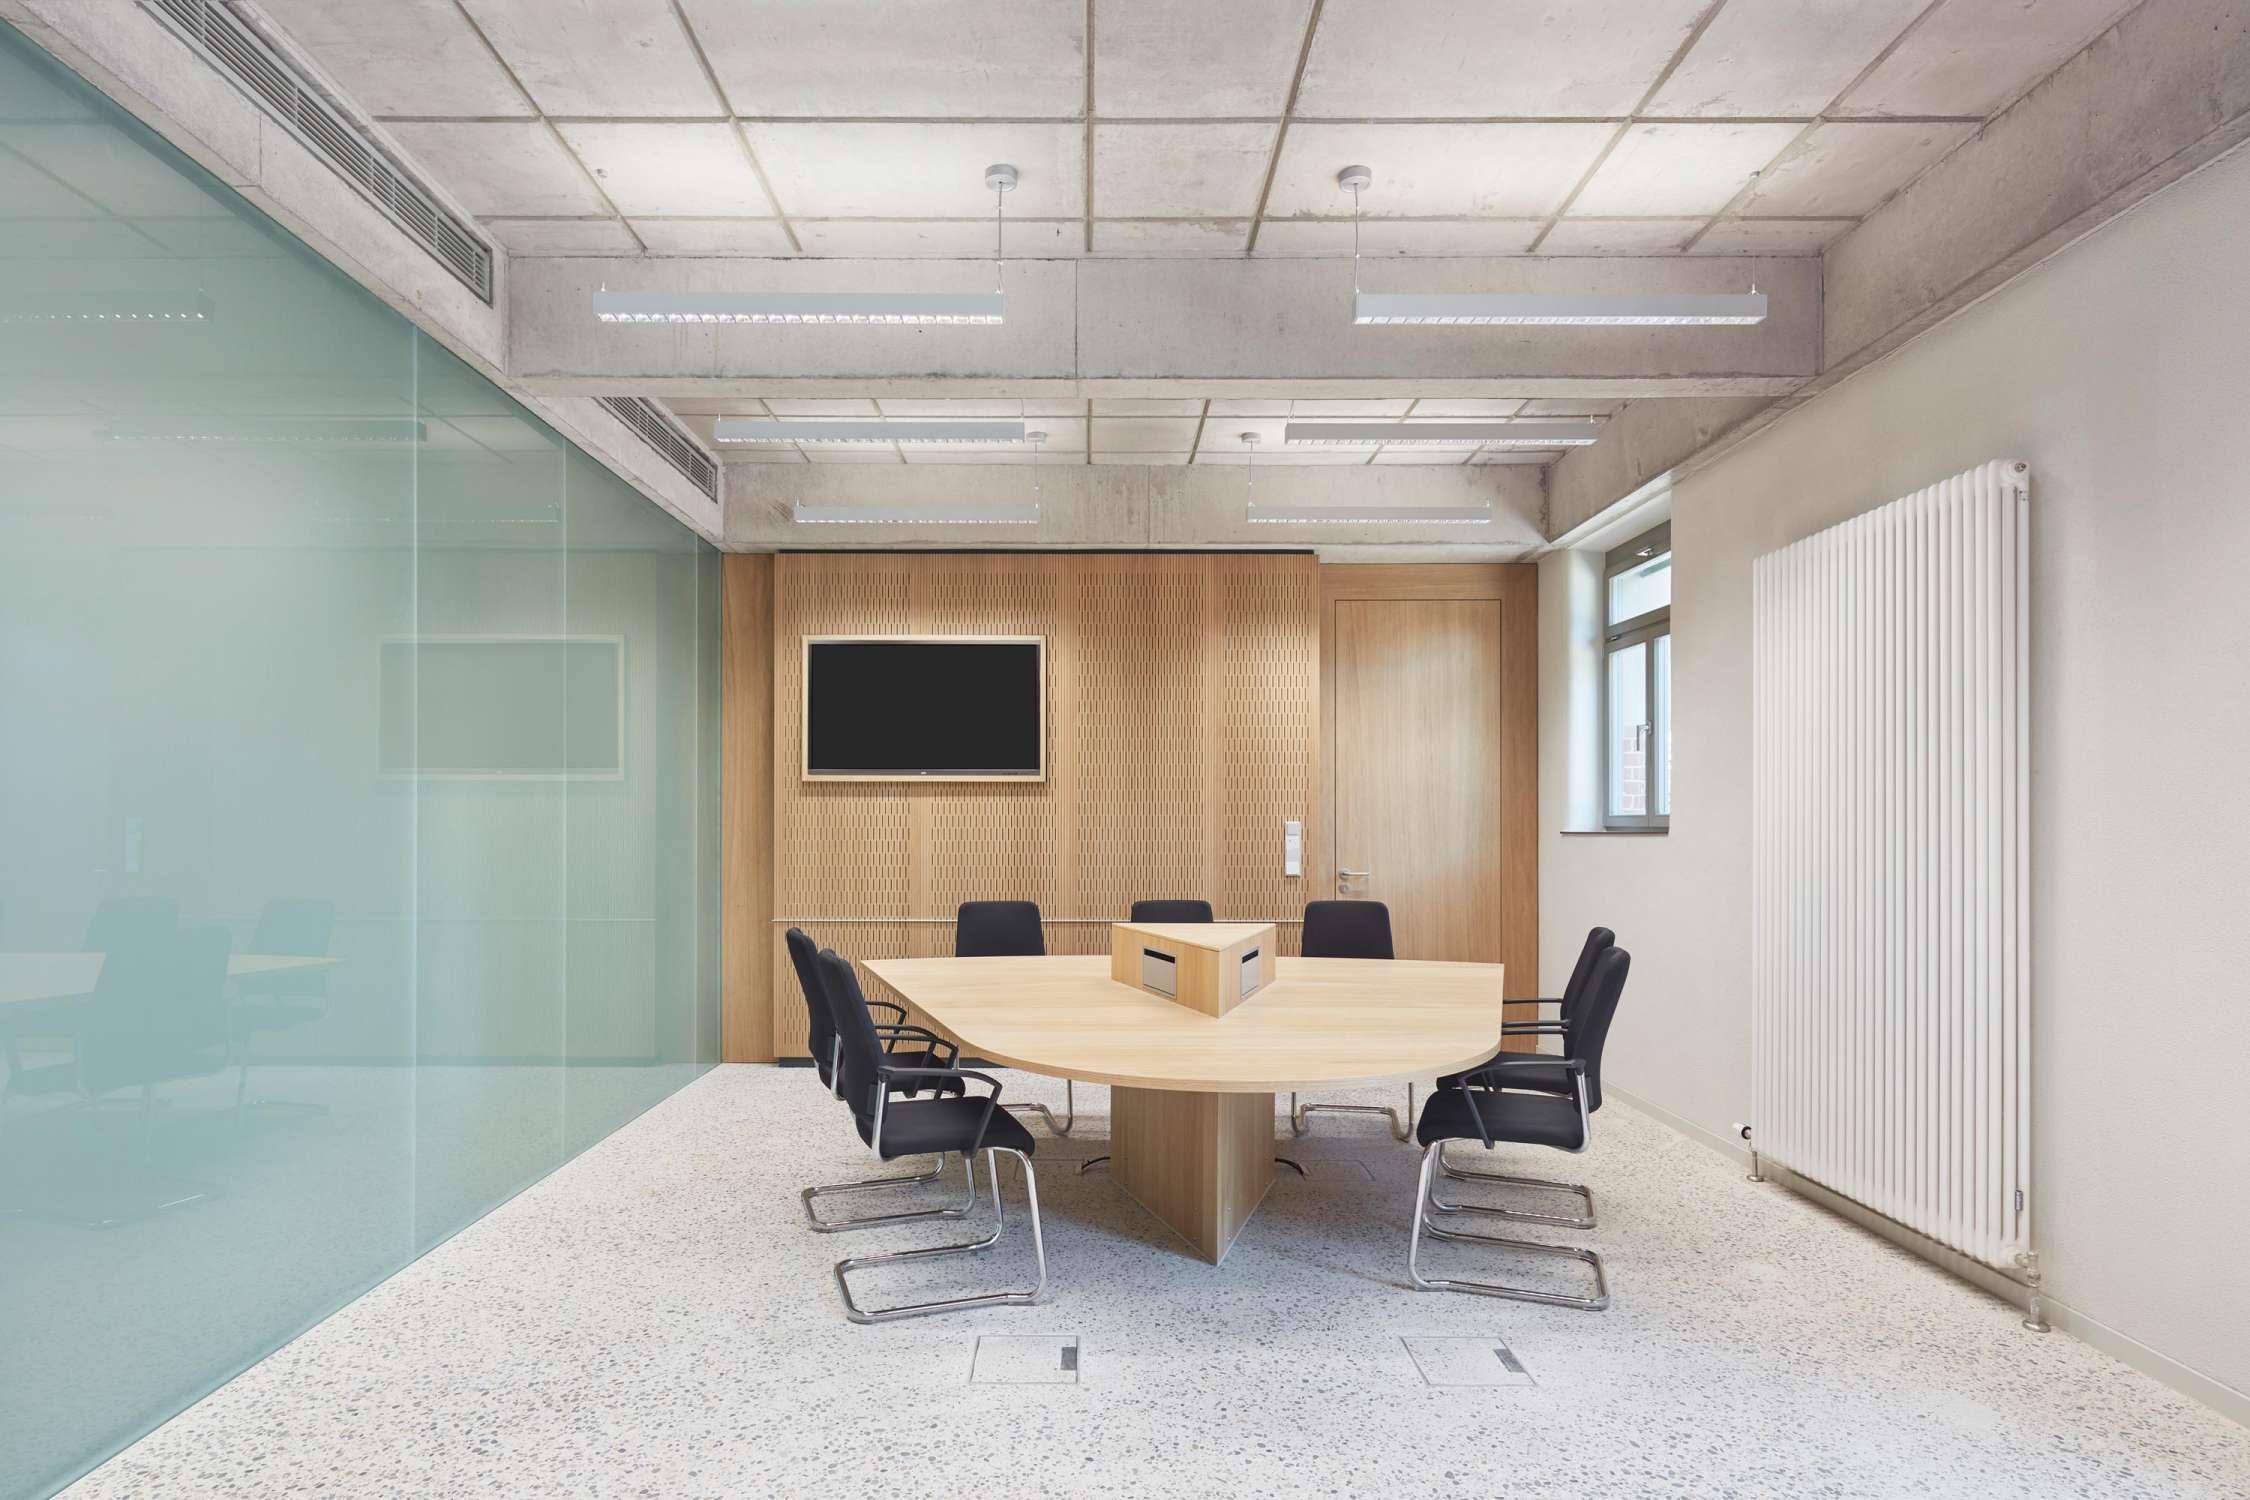 Denkmalpflegerische Sanierung und Umbau Amts-, Nachlass- und Betreuungsgericht (6)